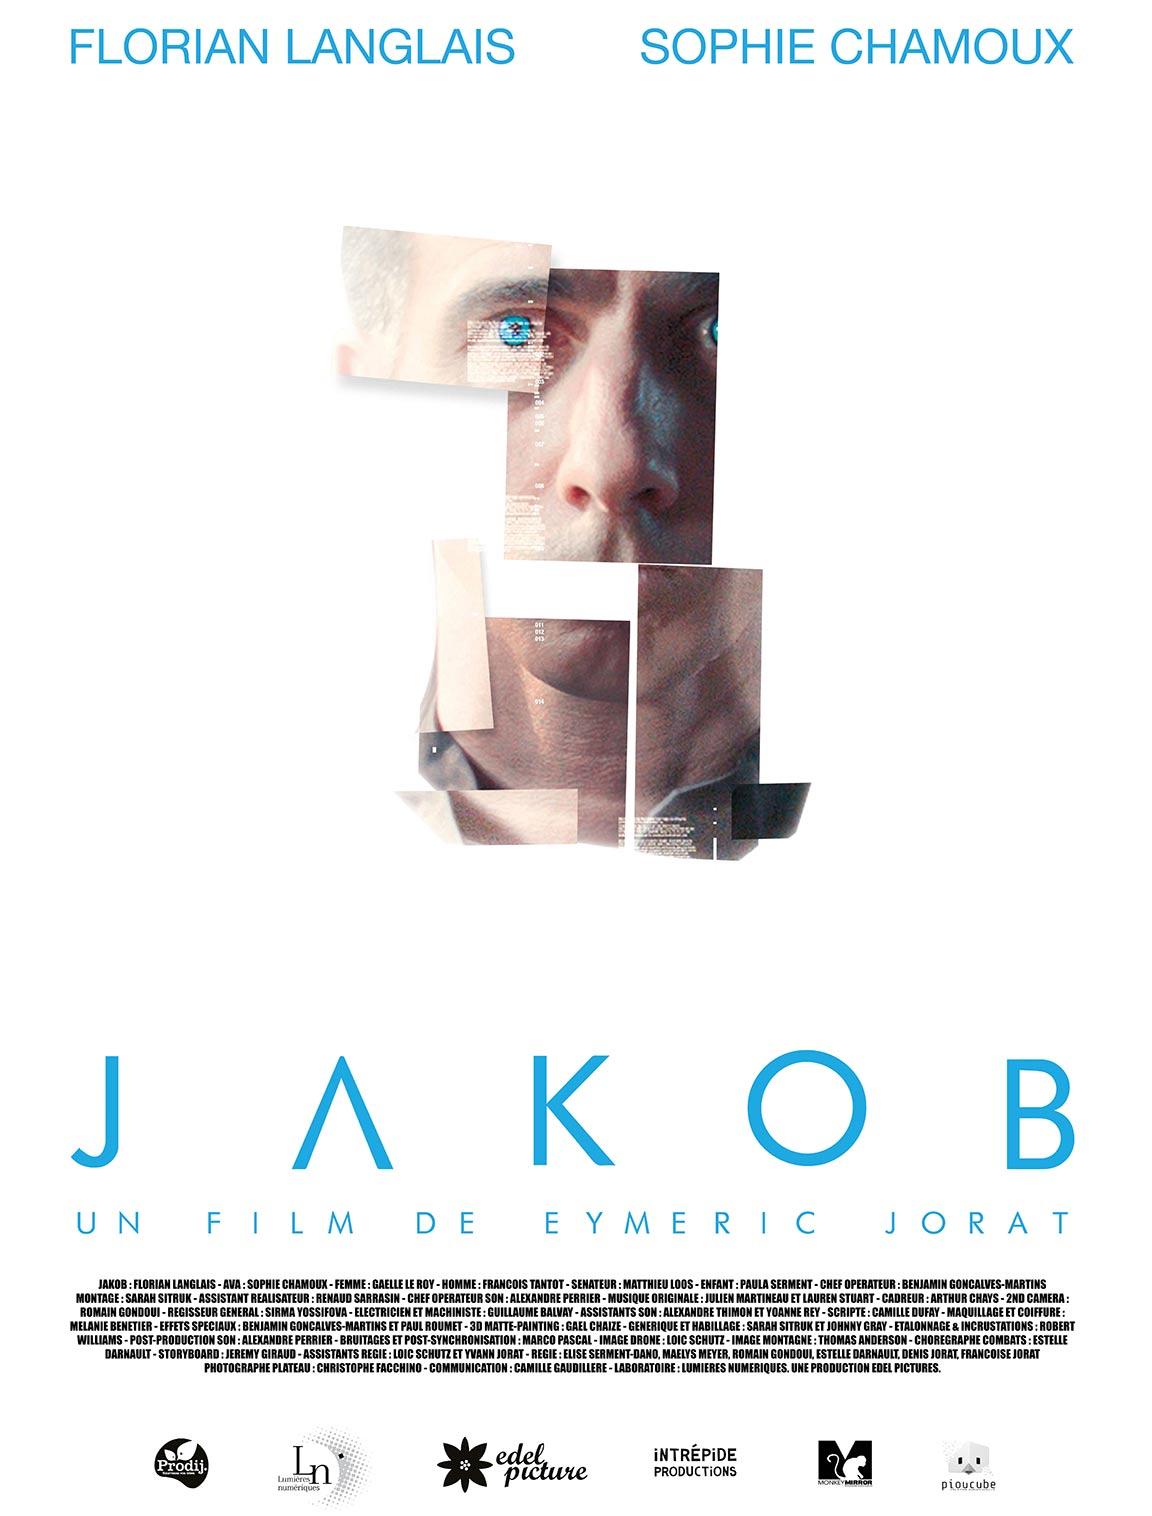 Jakob Poster #1